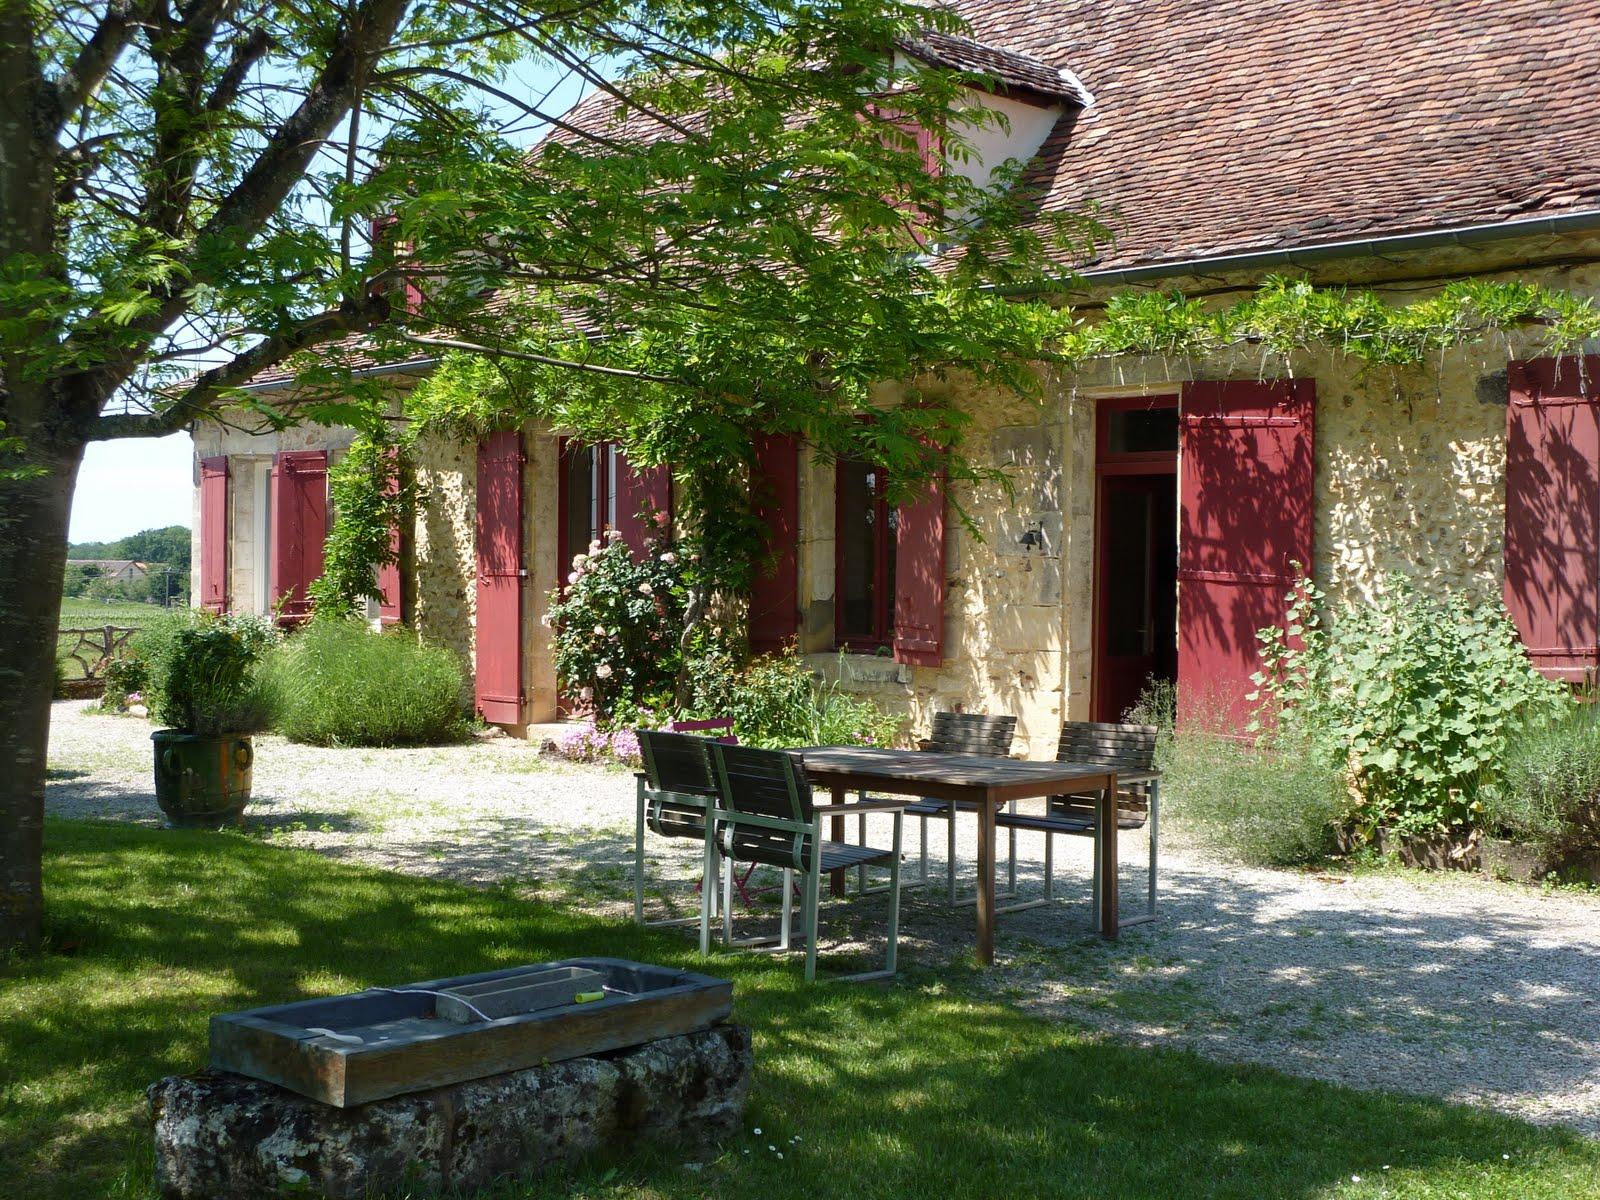 chambres d'hôtes Bergerac - Domaine de Bellevue Cottage